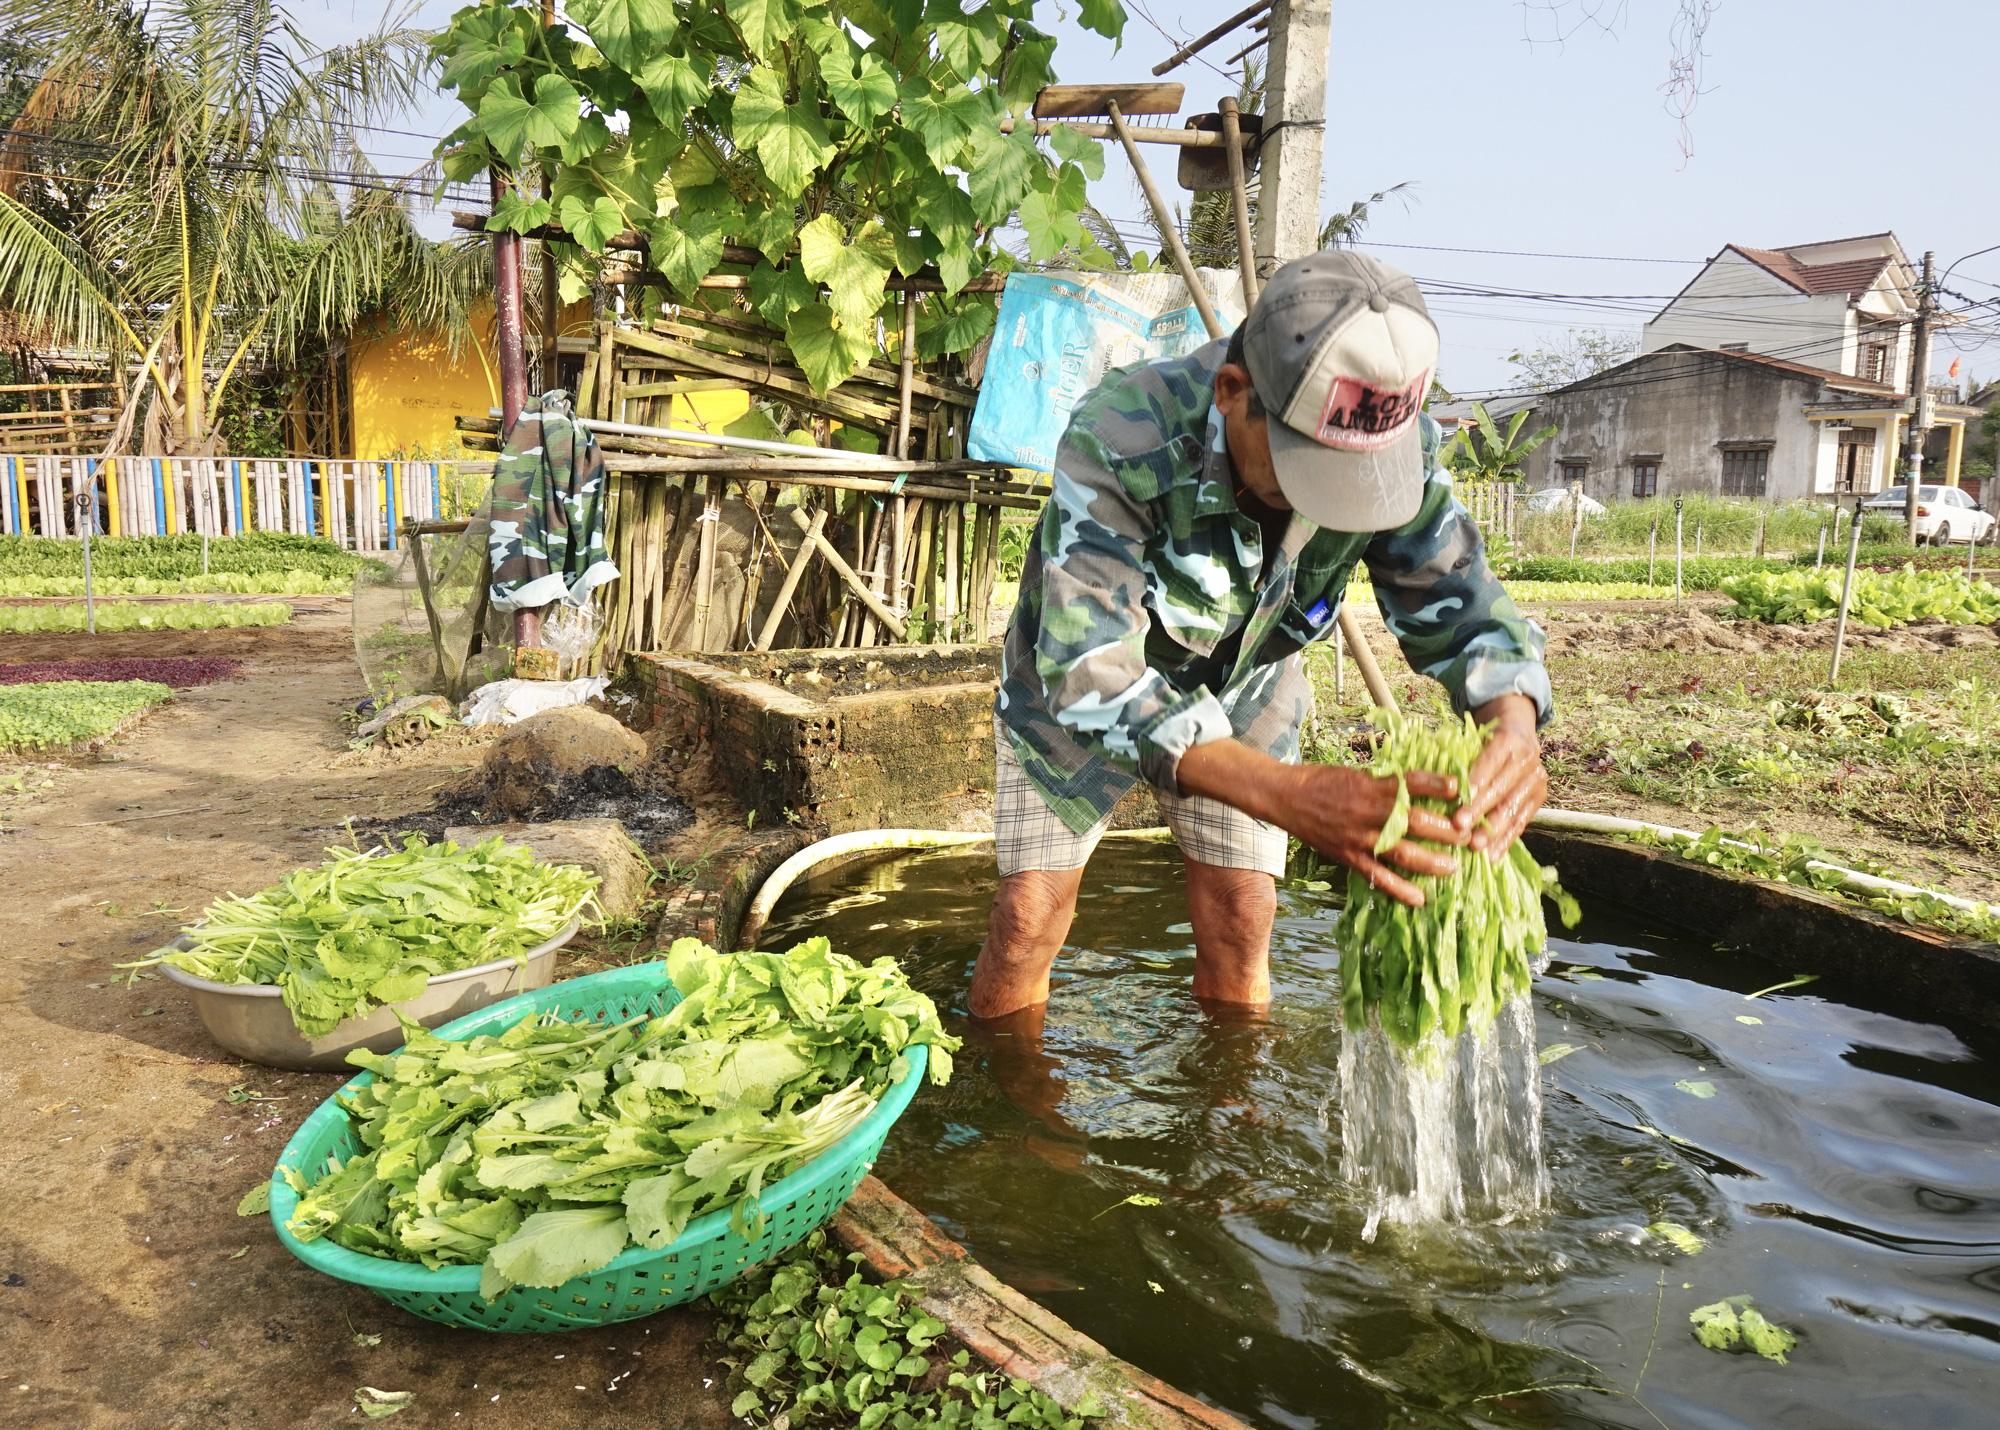 Quảng Nam: Sau Tết, nông dân Trà Quế méo mặt vì rau xanh rớt giá - Ảnh 1.